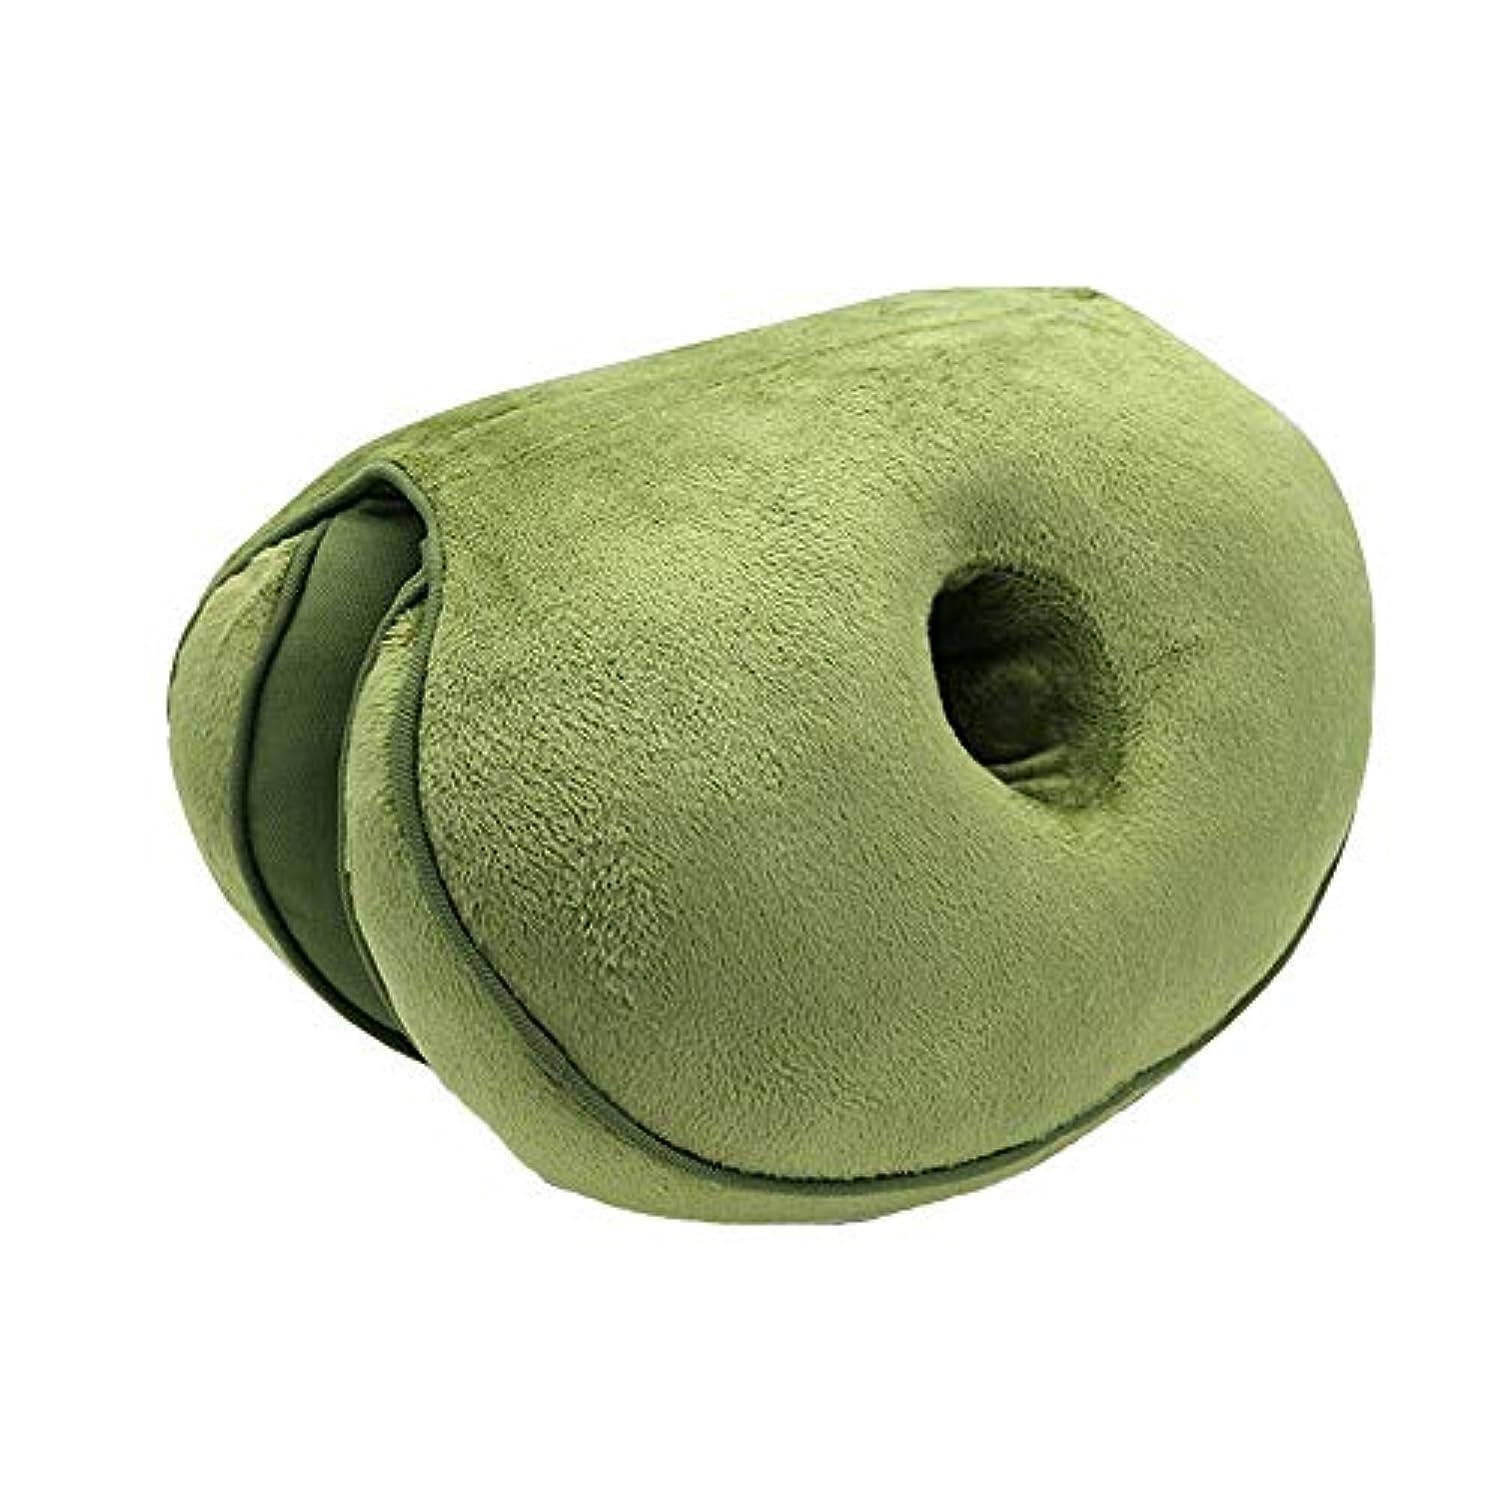 バリアセラー普通にLIFE2019 新デュアルシートクッション低反発ラテックスオフィスチェアバックシートクッション快適な臀部マットパッド枕旅行枕女性女の子クッション 椅子